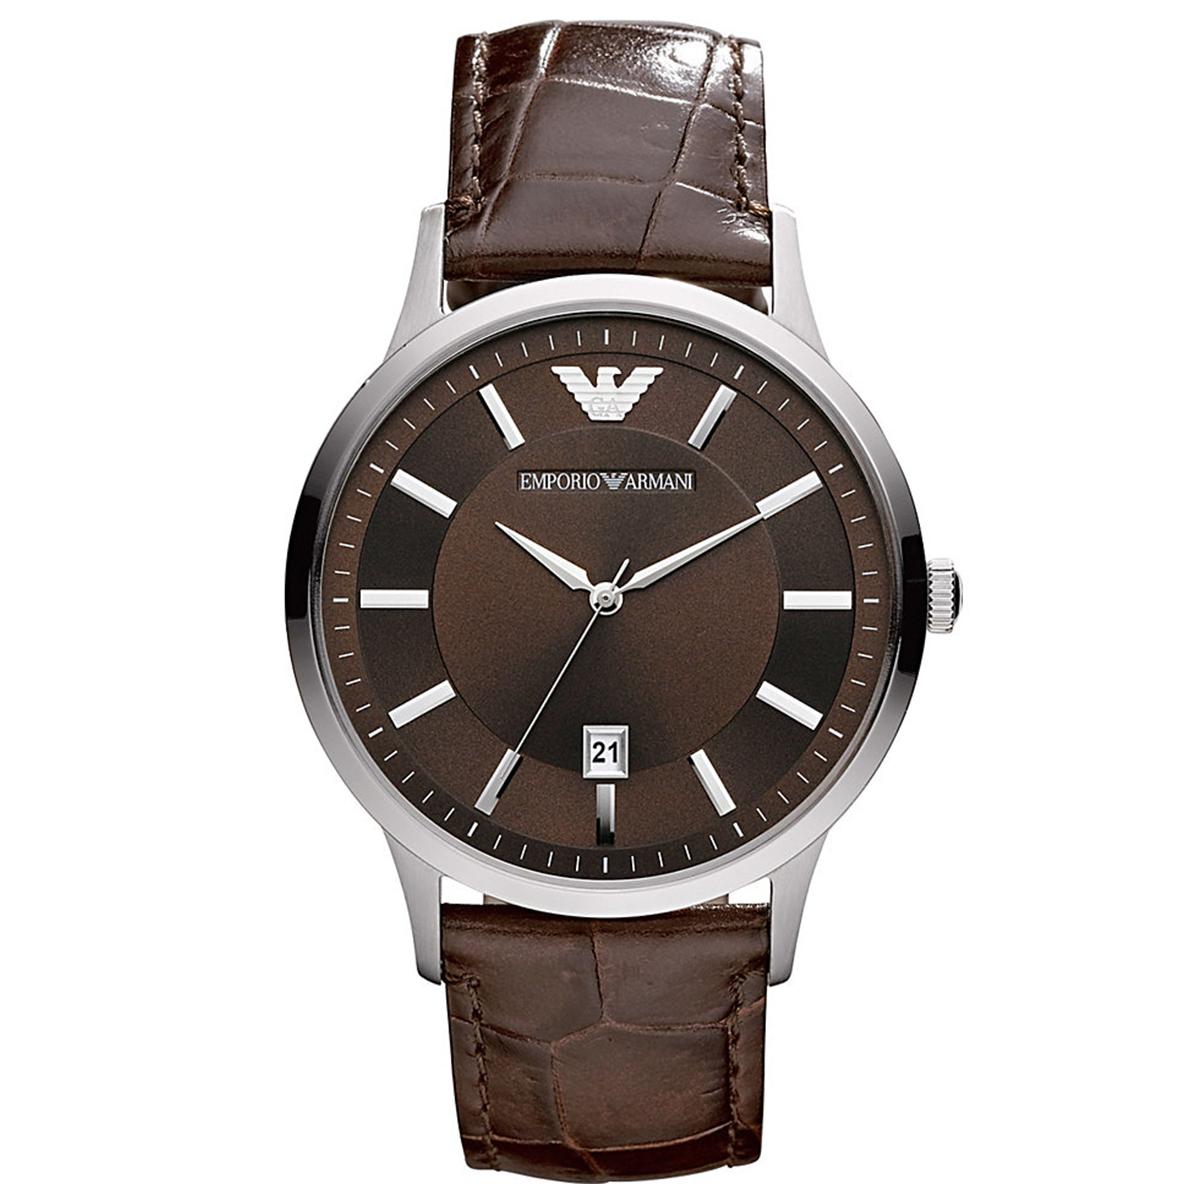 エンポリオアルマーニ EMPORIO ARMANI AR2413 メンズ 時計 腕時計 クオーツ